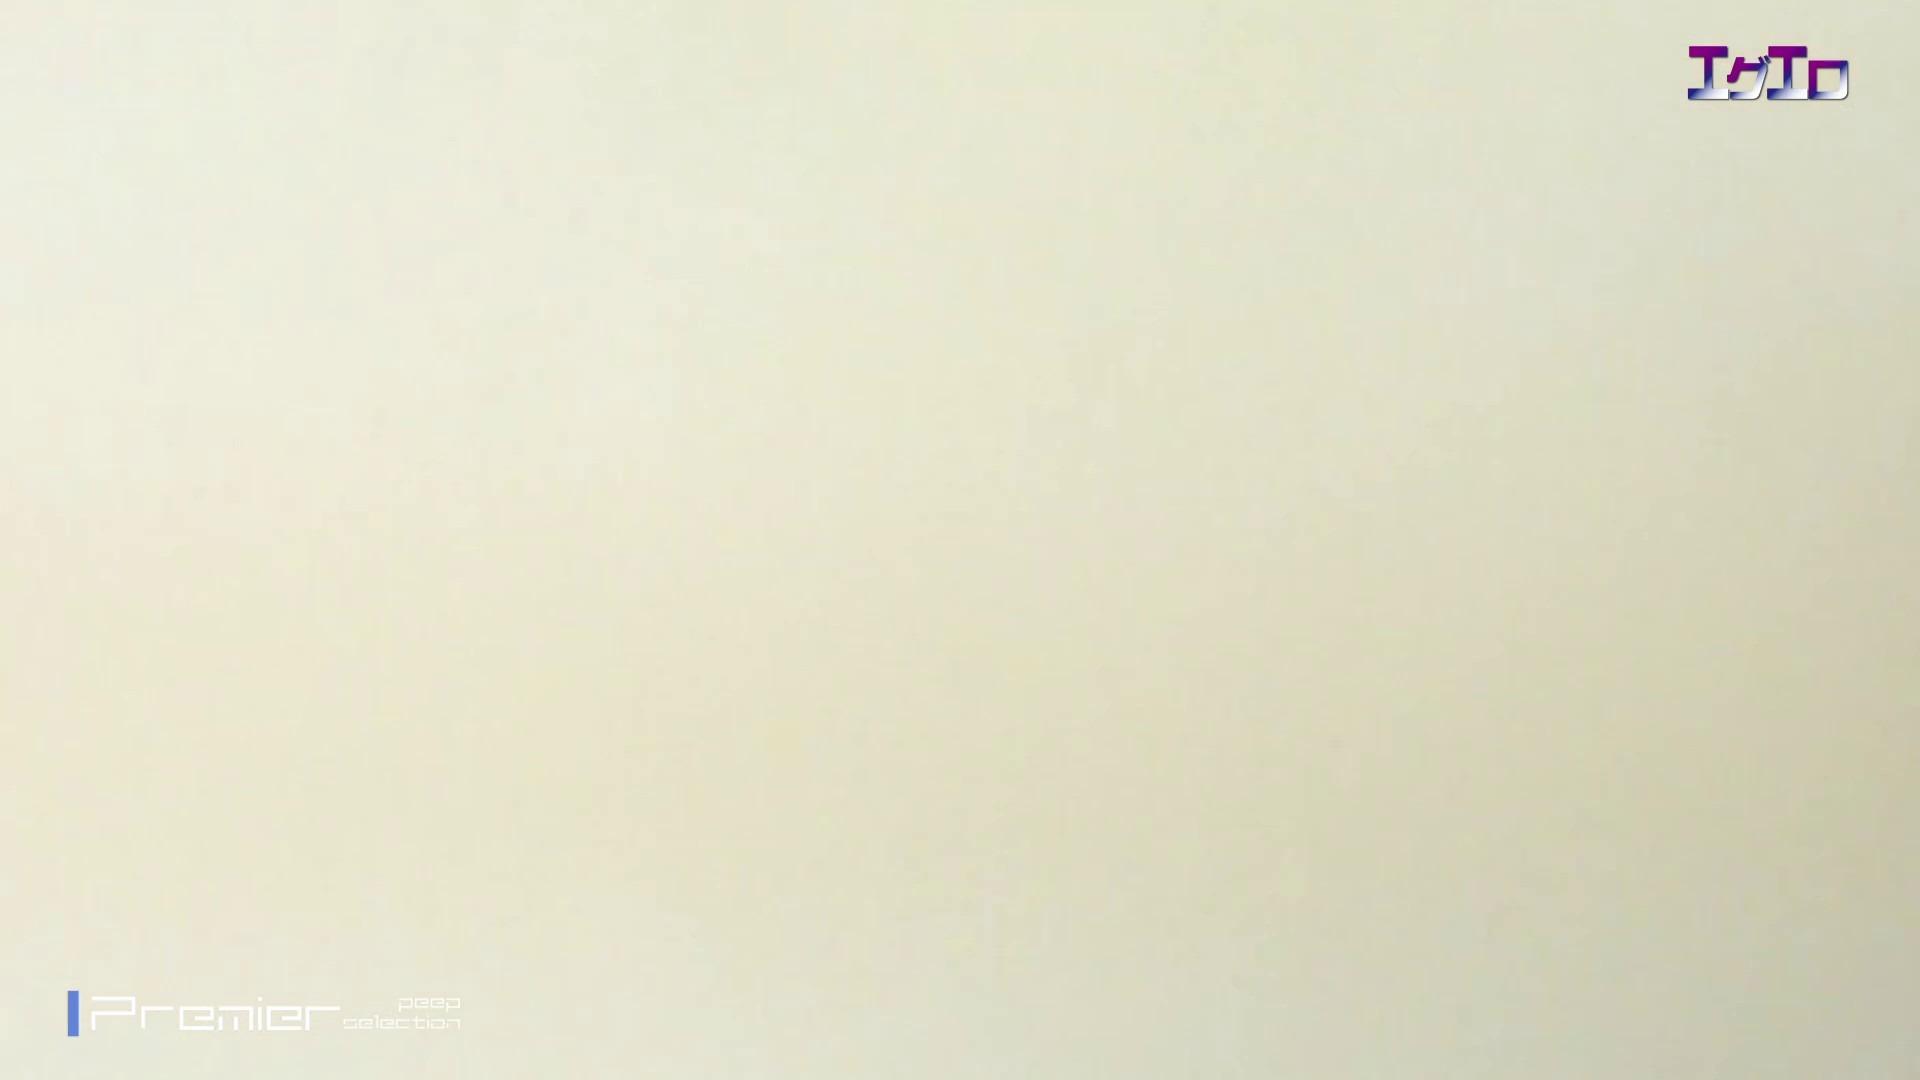 執念の撮影&追撮!!某女子校の通学路にあるトイレ 至近距離洗面所 Vol.16 洗面所  58pic 27